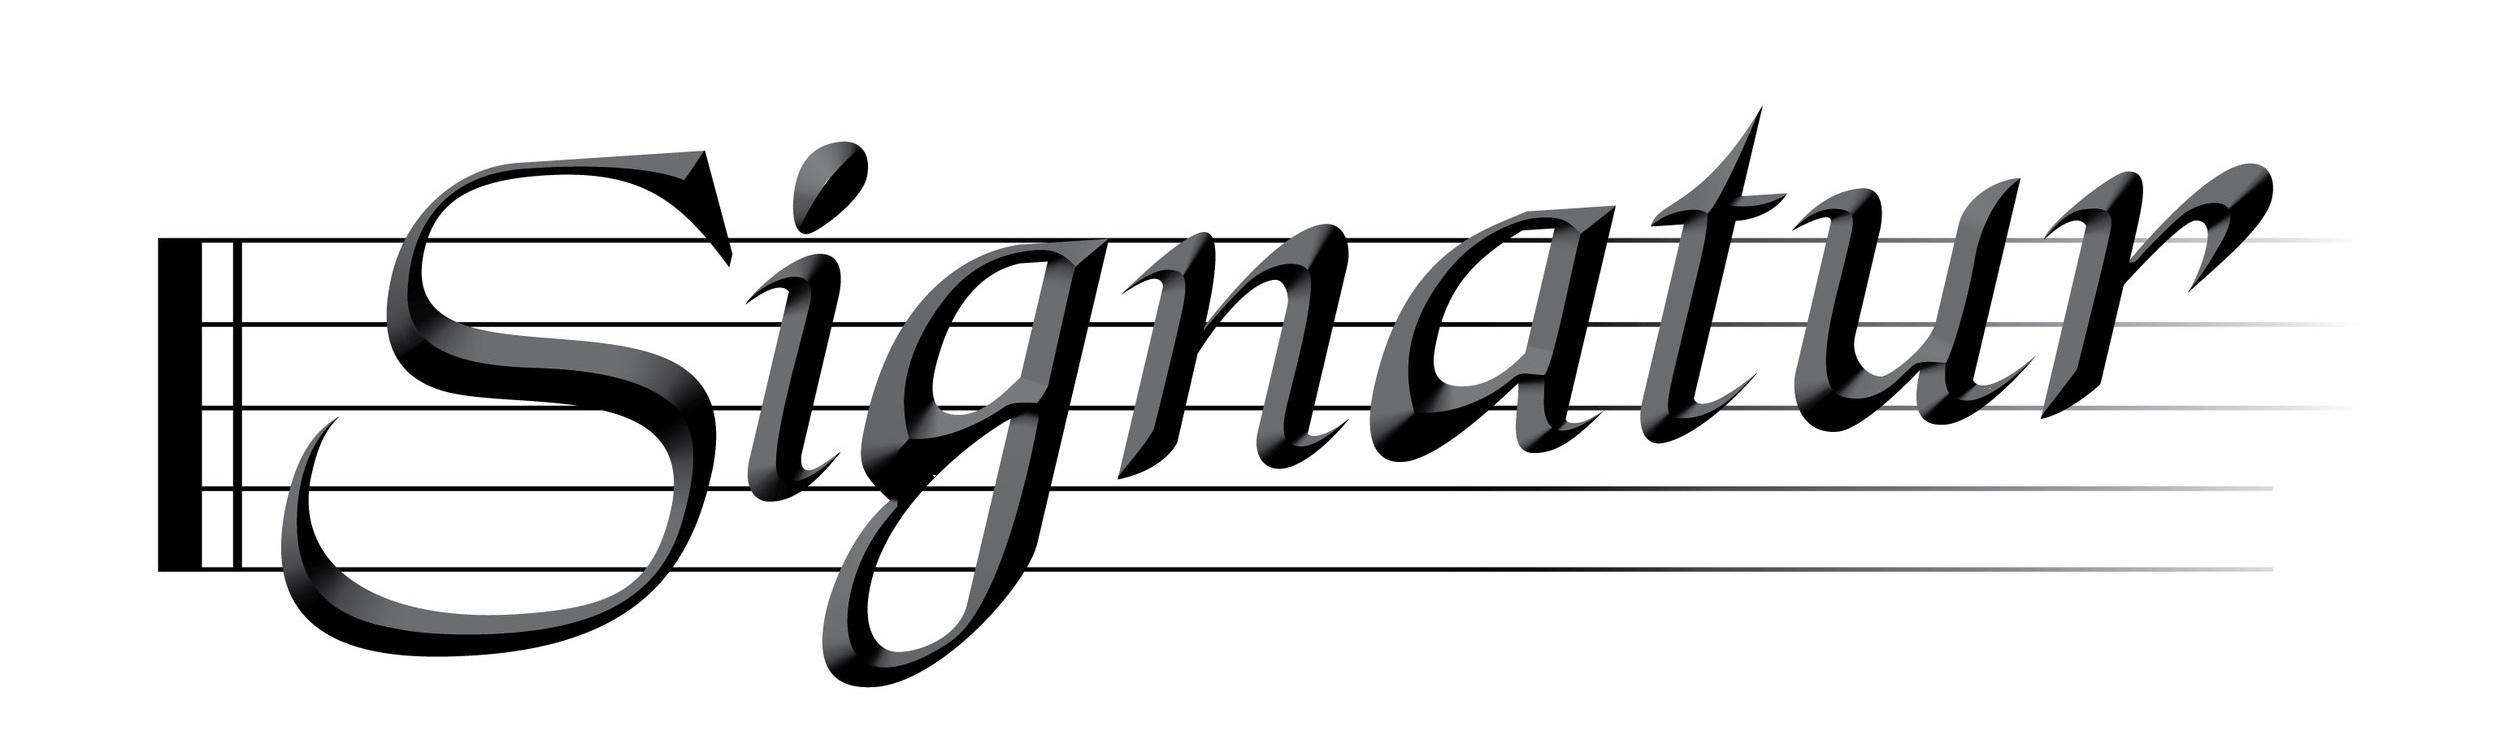 Signatur rgb.jpg